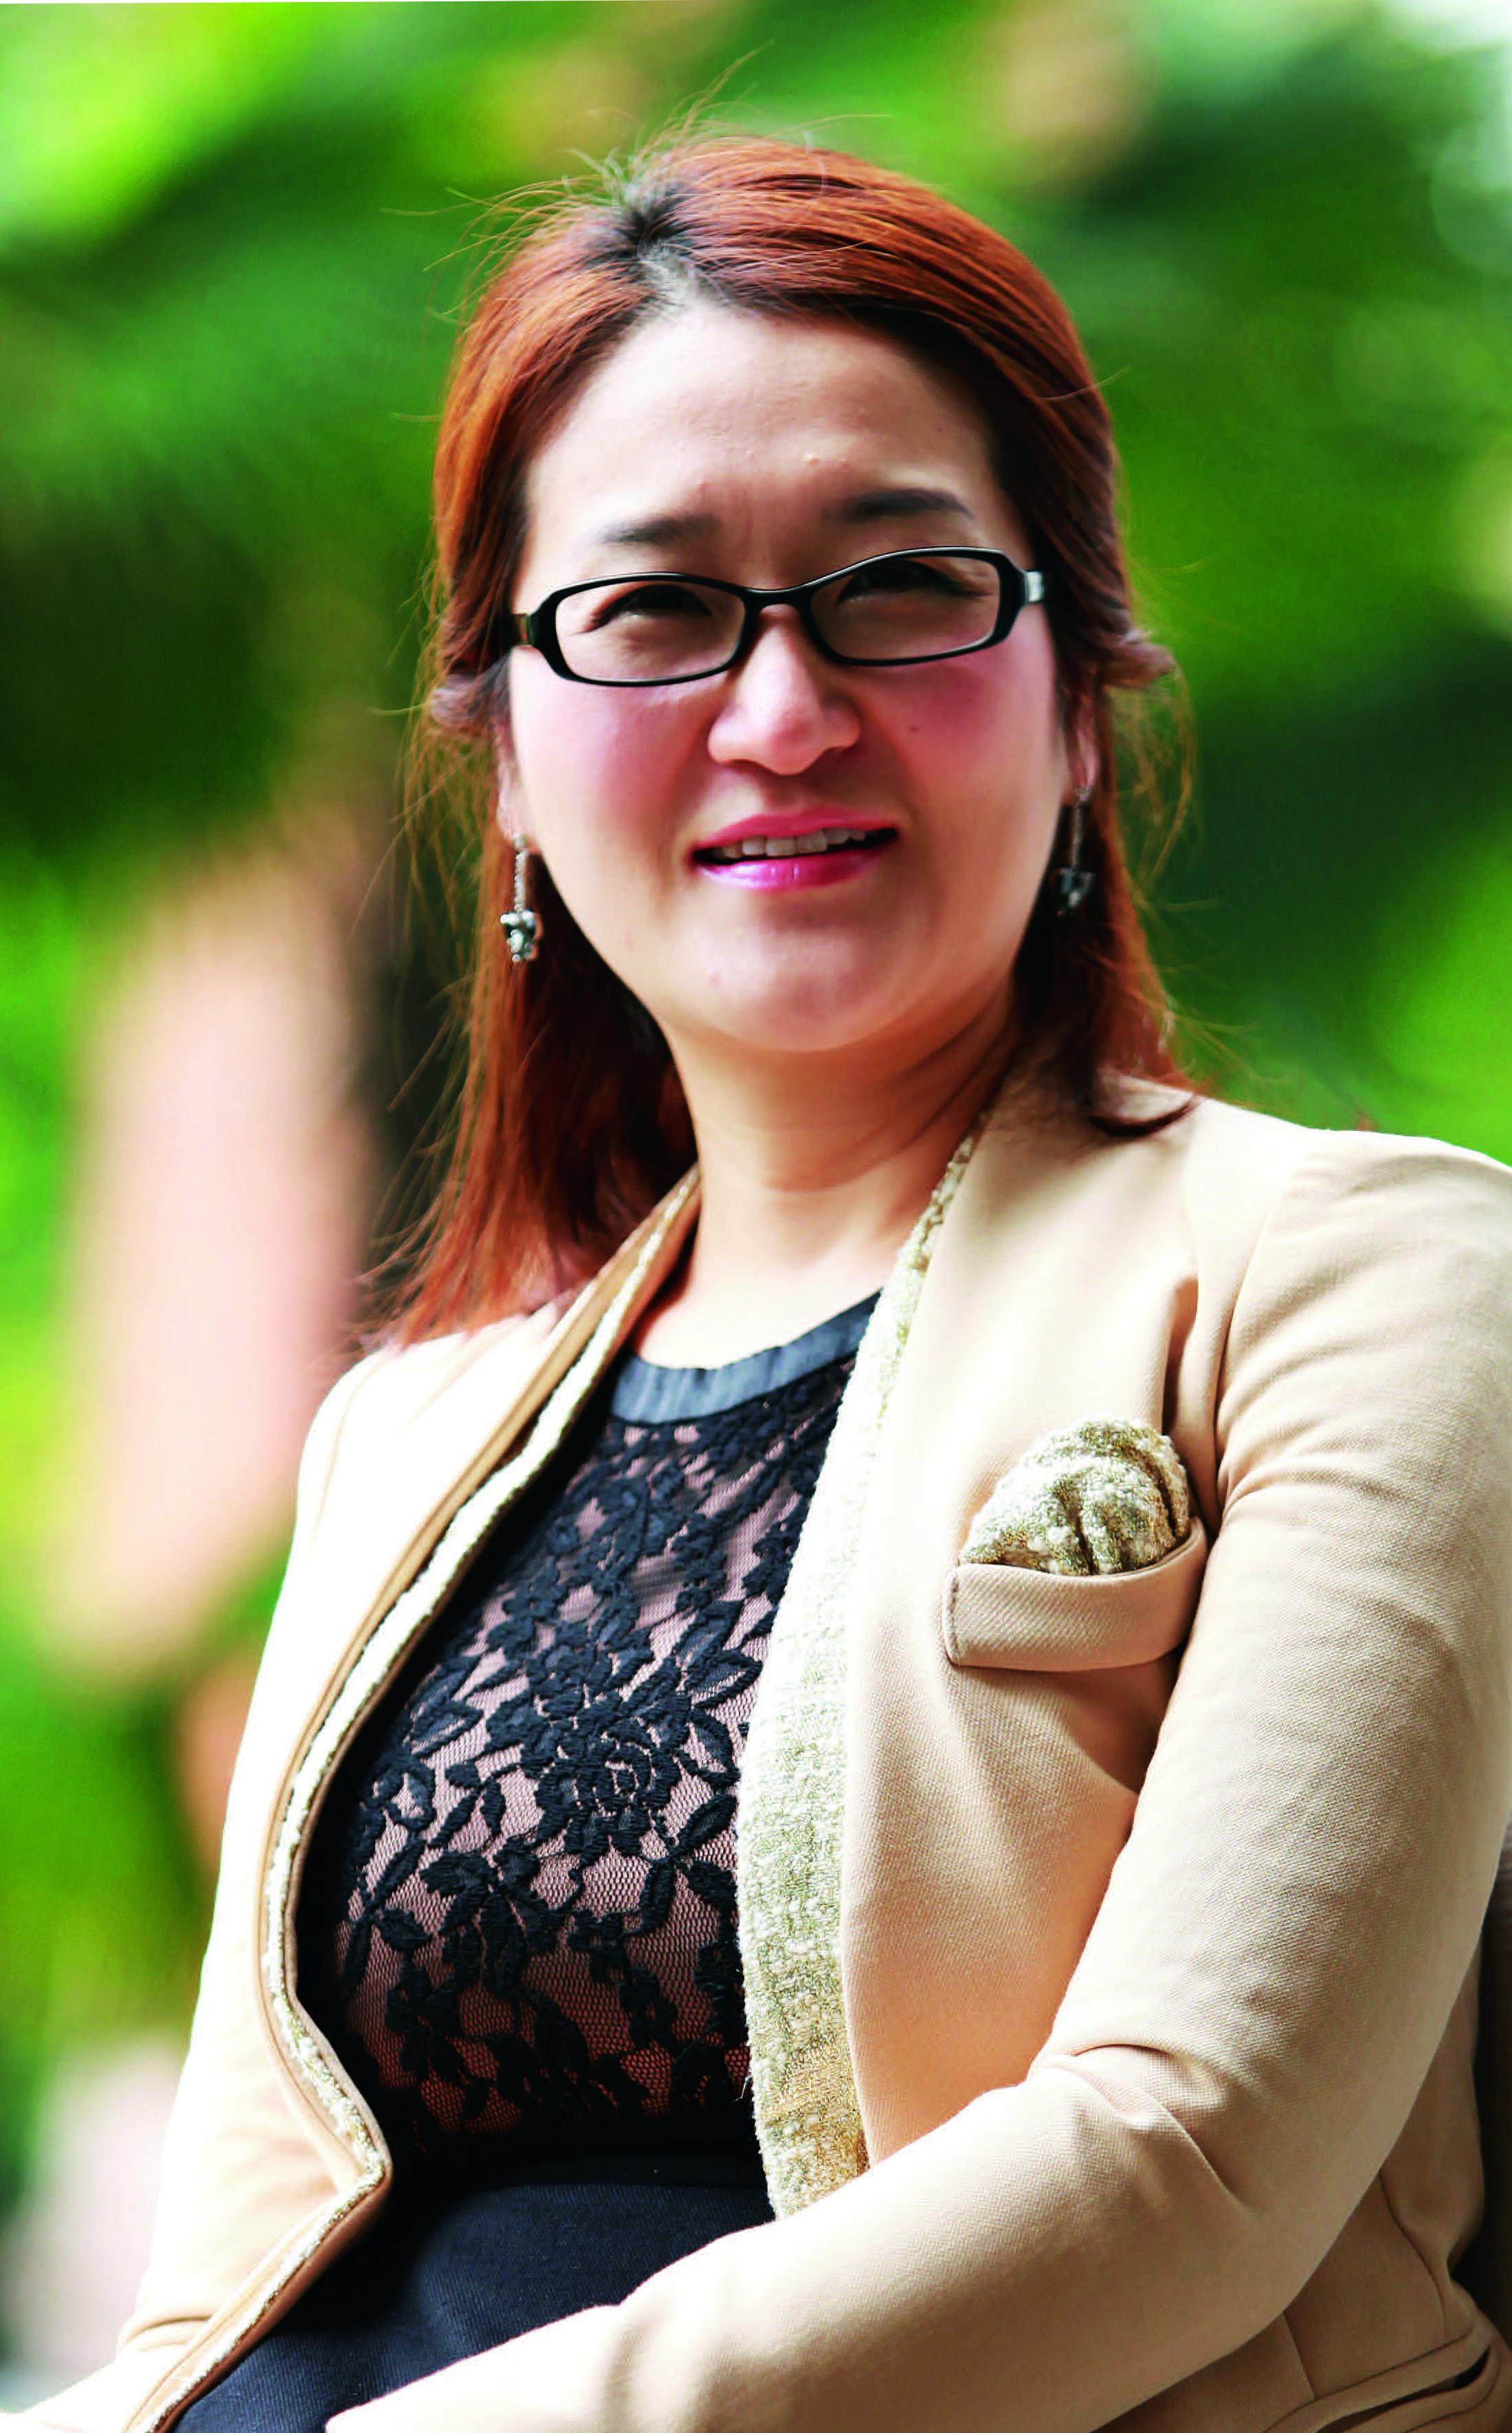 Kate Park – Cô gái người Hàn Quốc mê Việt Nam